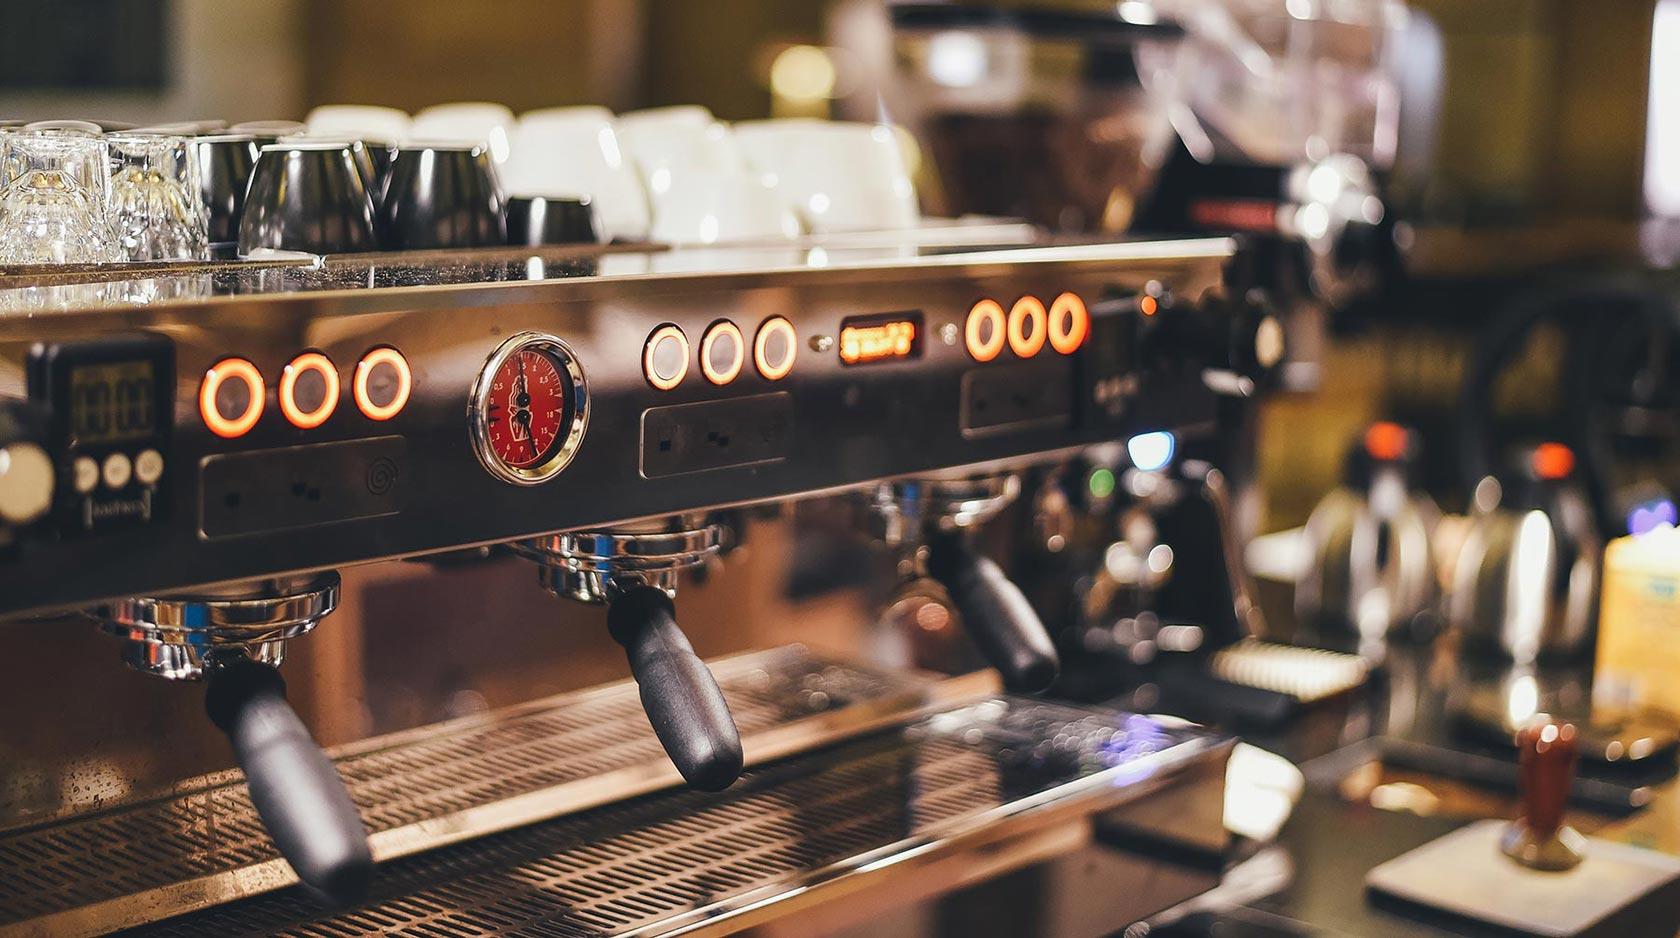 KEinkreiser, Zweikreiser und Dualboiler – die Technik. CafCaf.de – Kaffee & Blog, Kaffeeblog